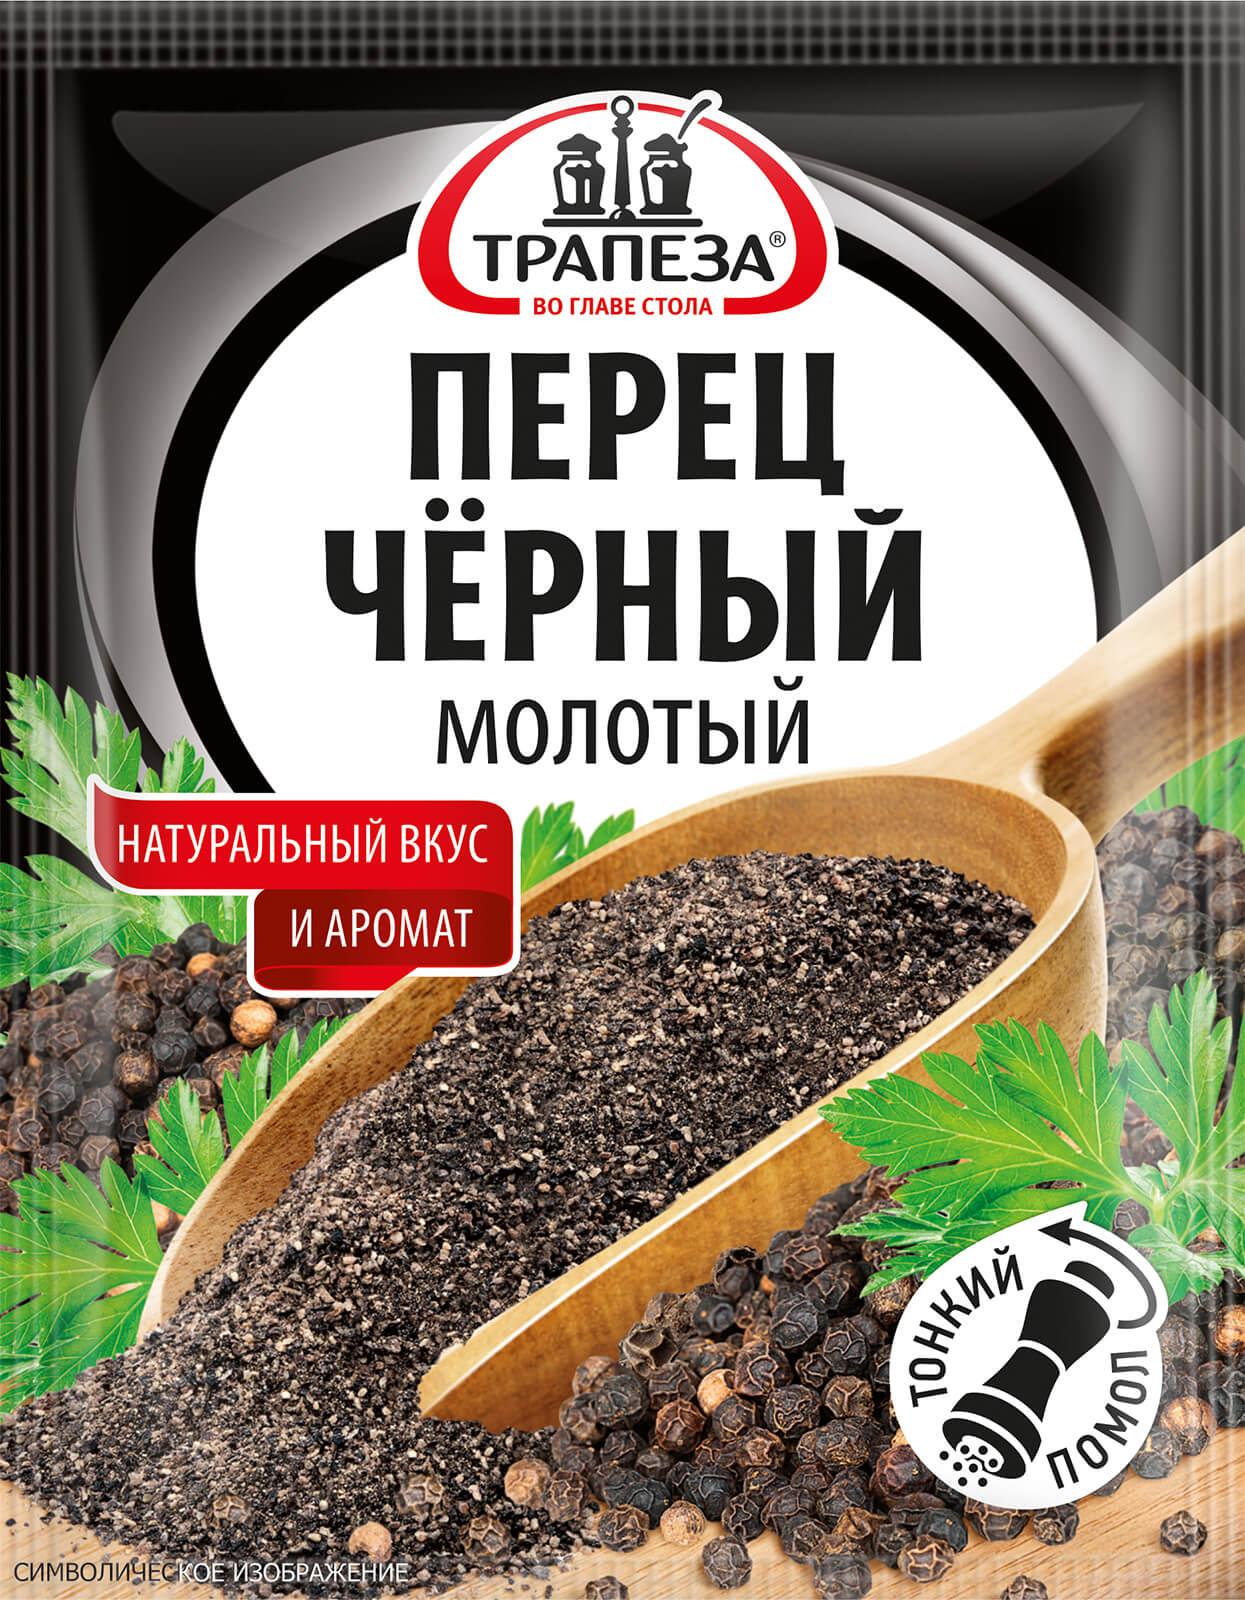 Перец черный молотый Трапеза